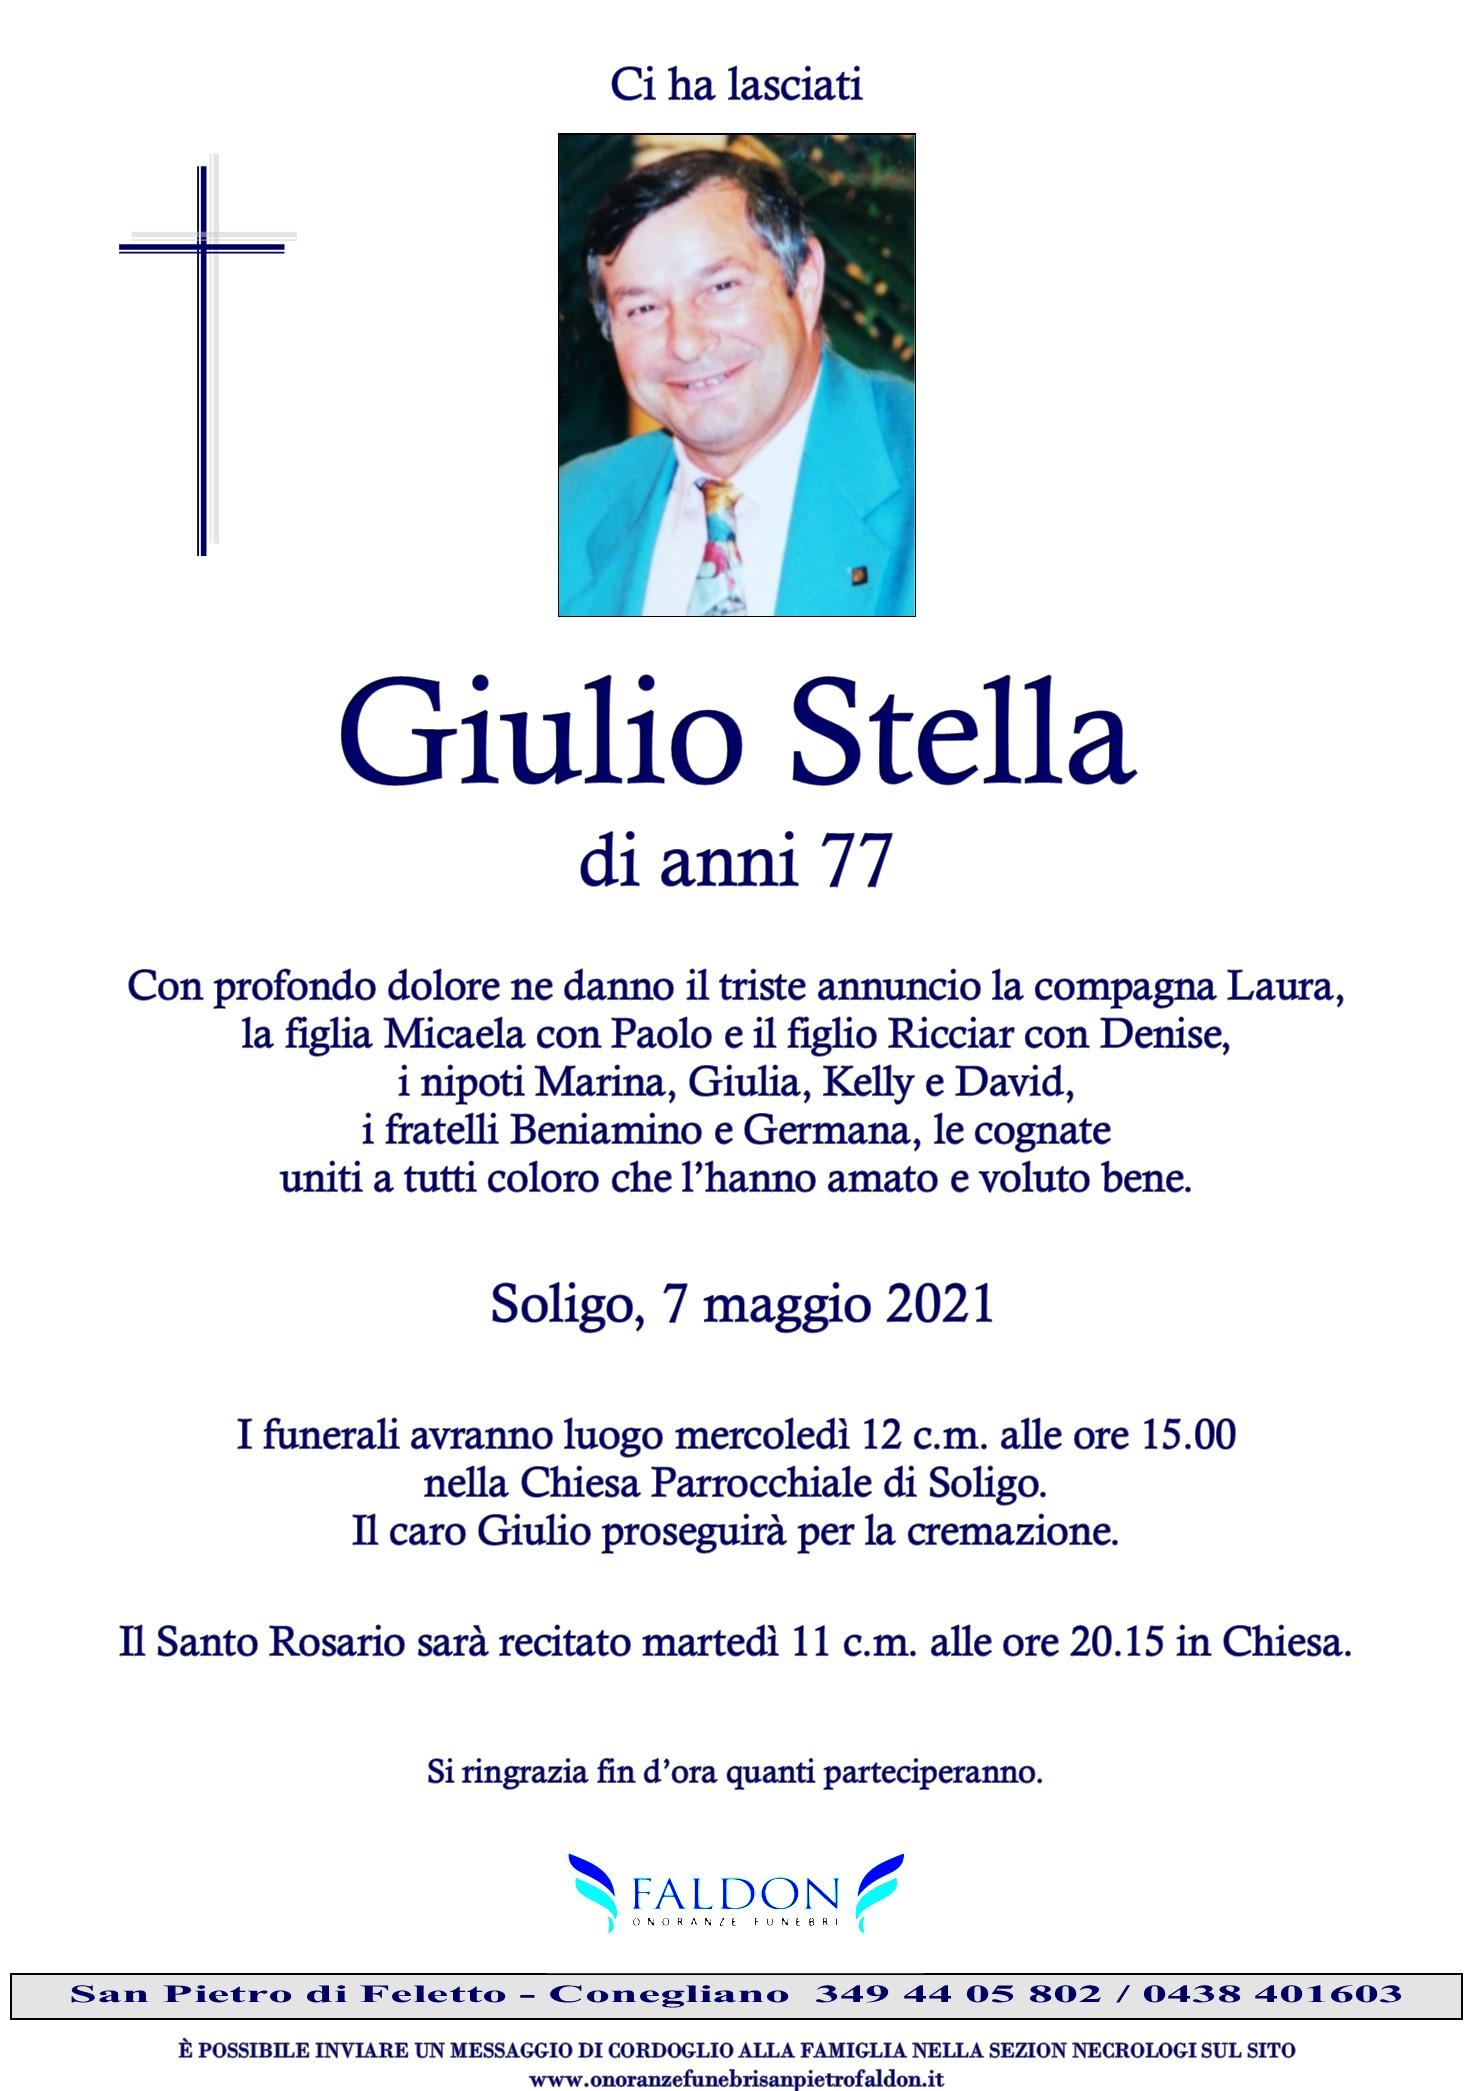 Giulio Stella